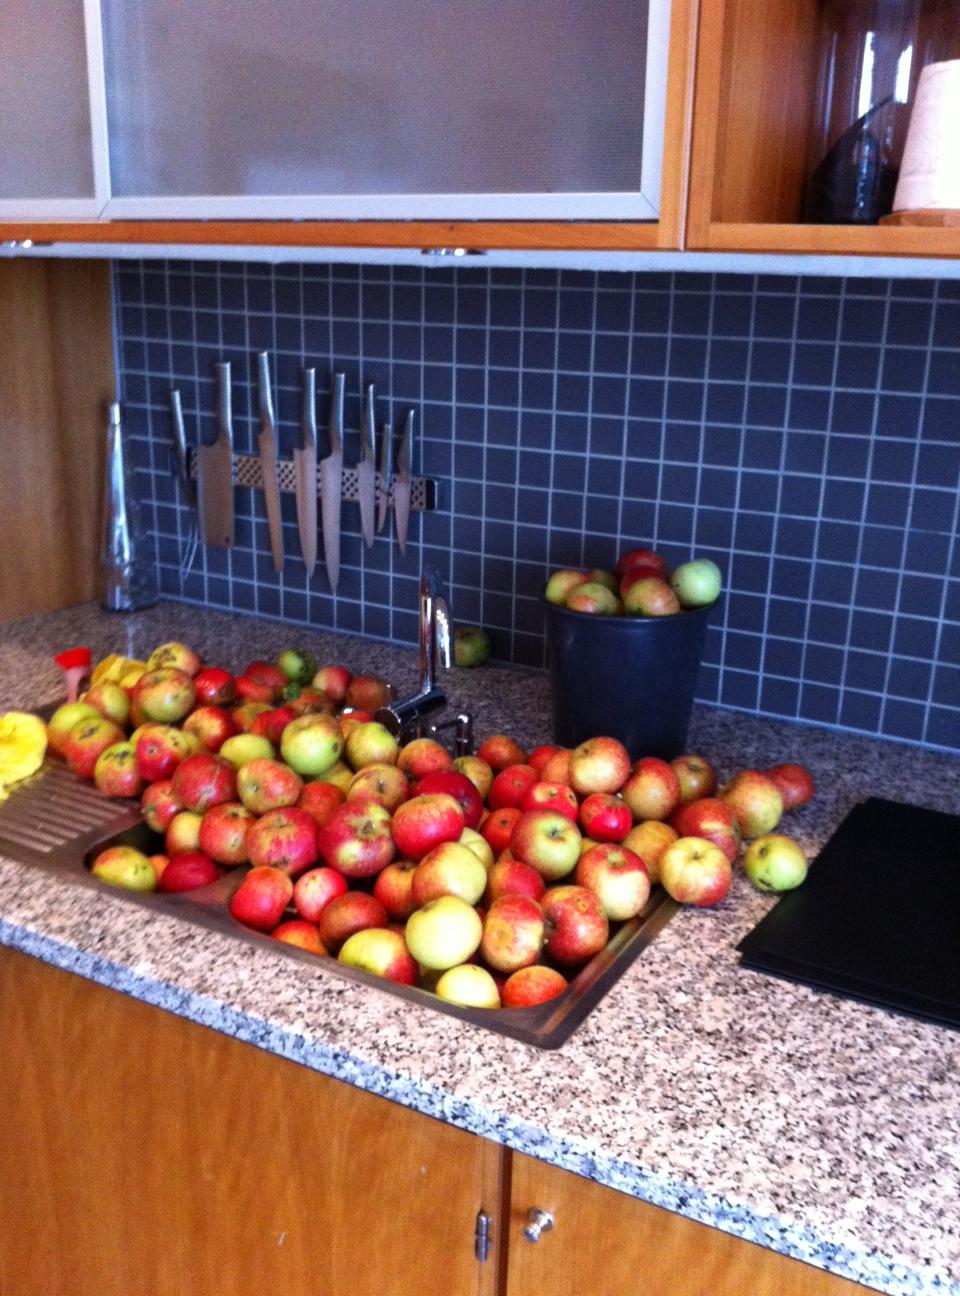 Søde, kæmpe mandehunk! Vi skal lige have skrællet lidt æbler :-)   jeeeeeez, jeg døøøøøøøøøøøør!